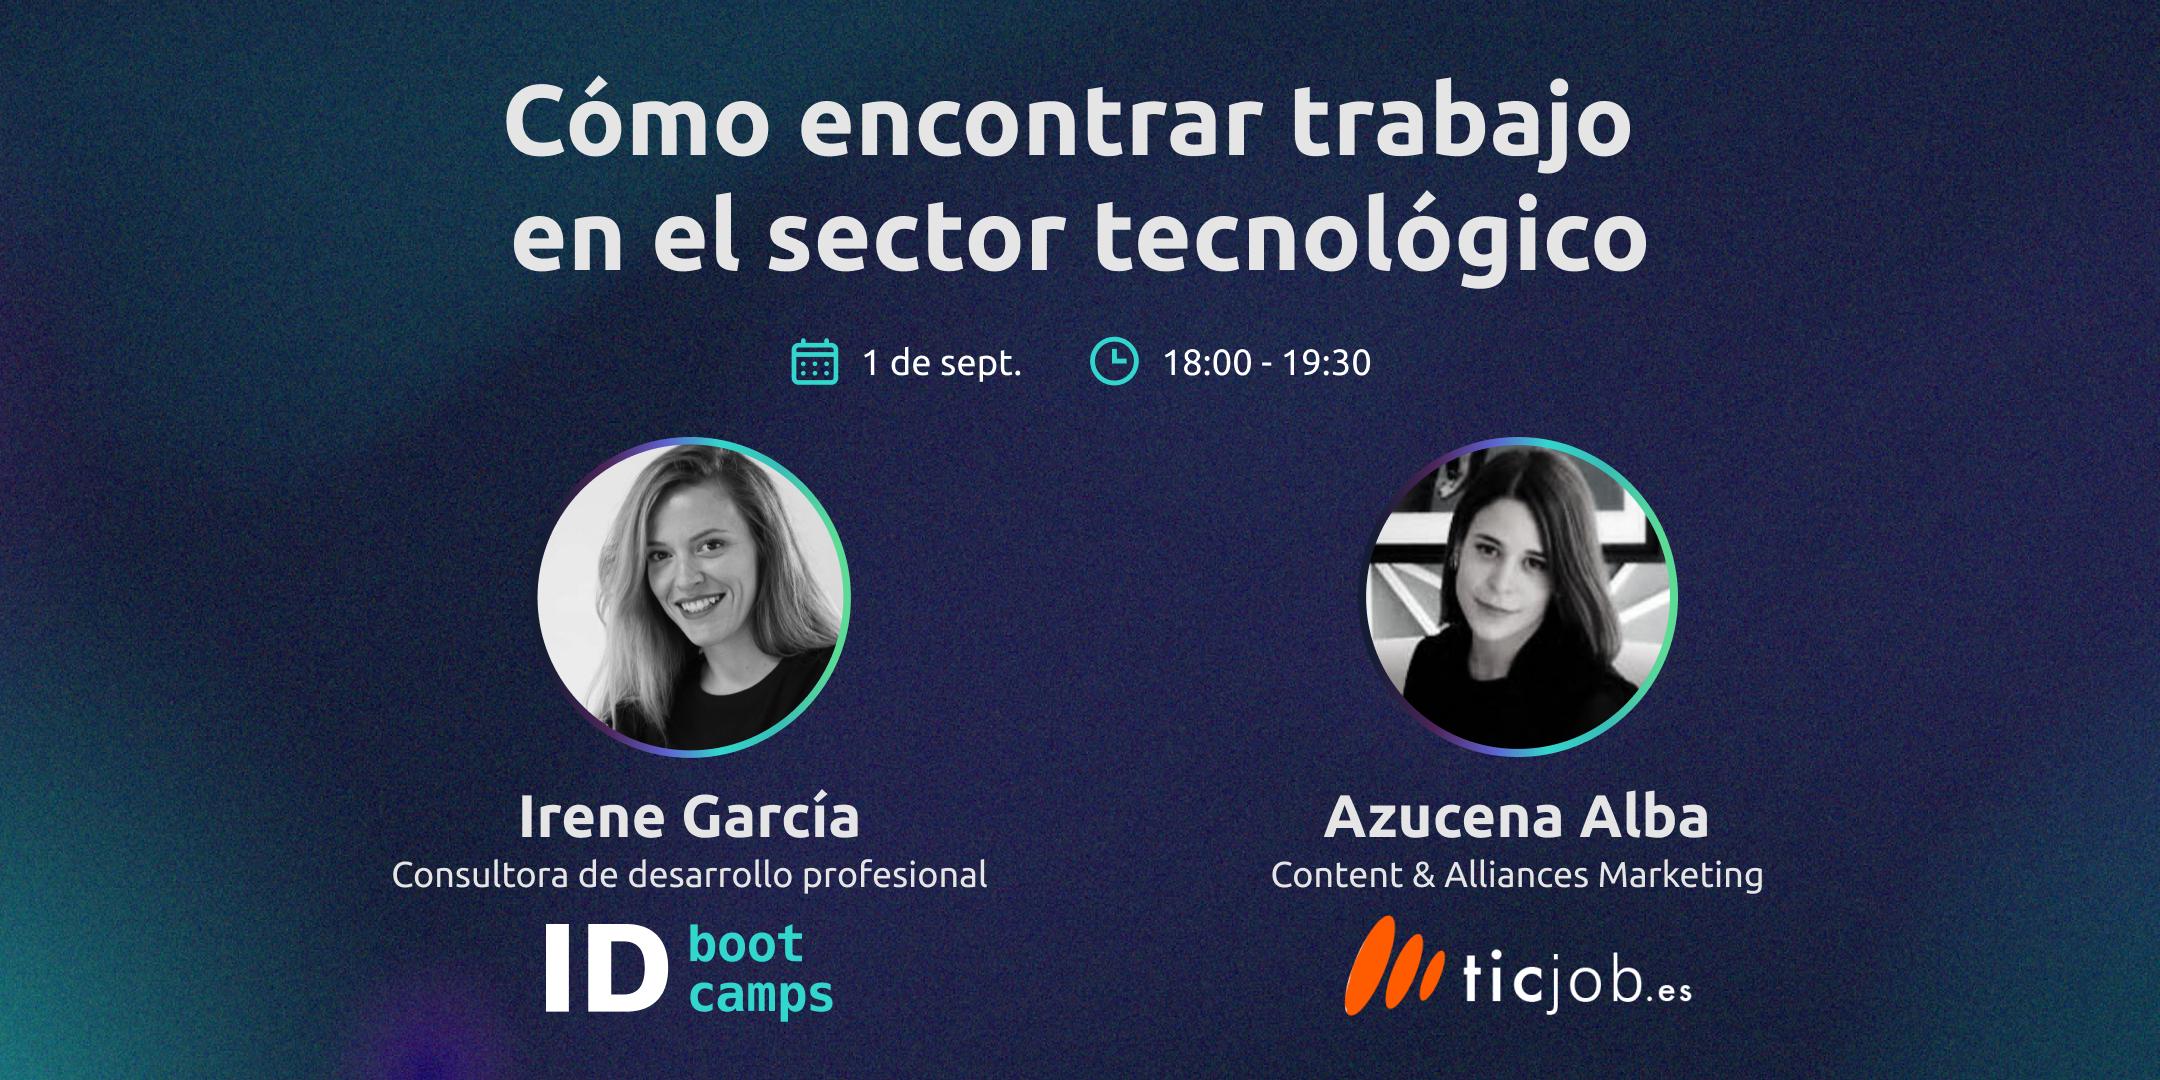 Evento empleo - Irene García y ticjob.es - ID Bootcamps